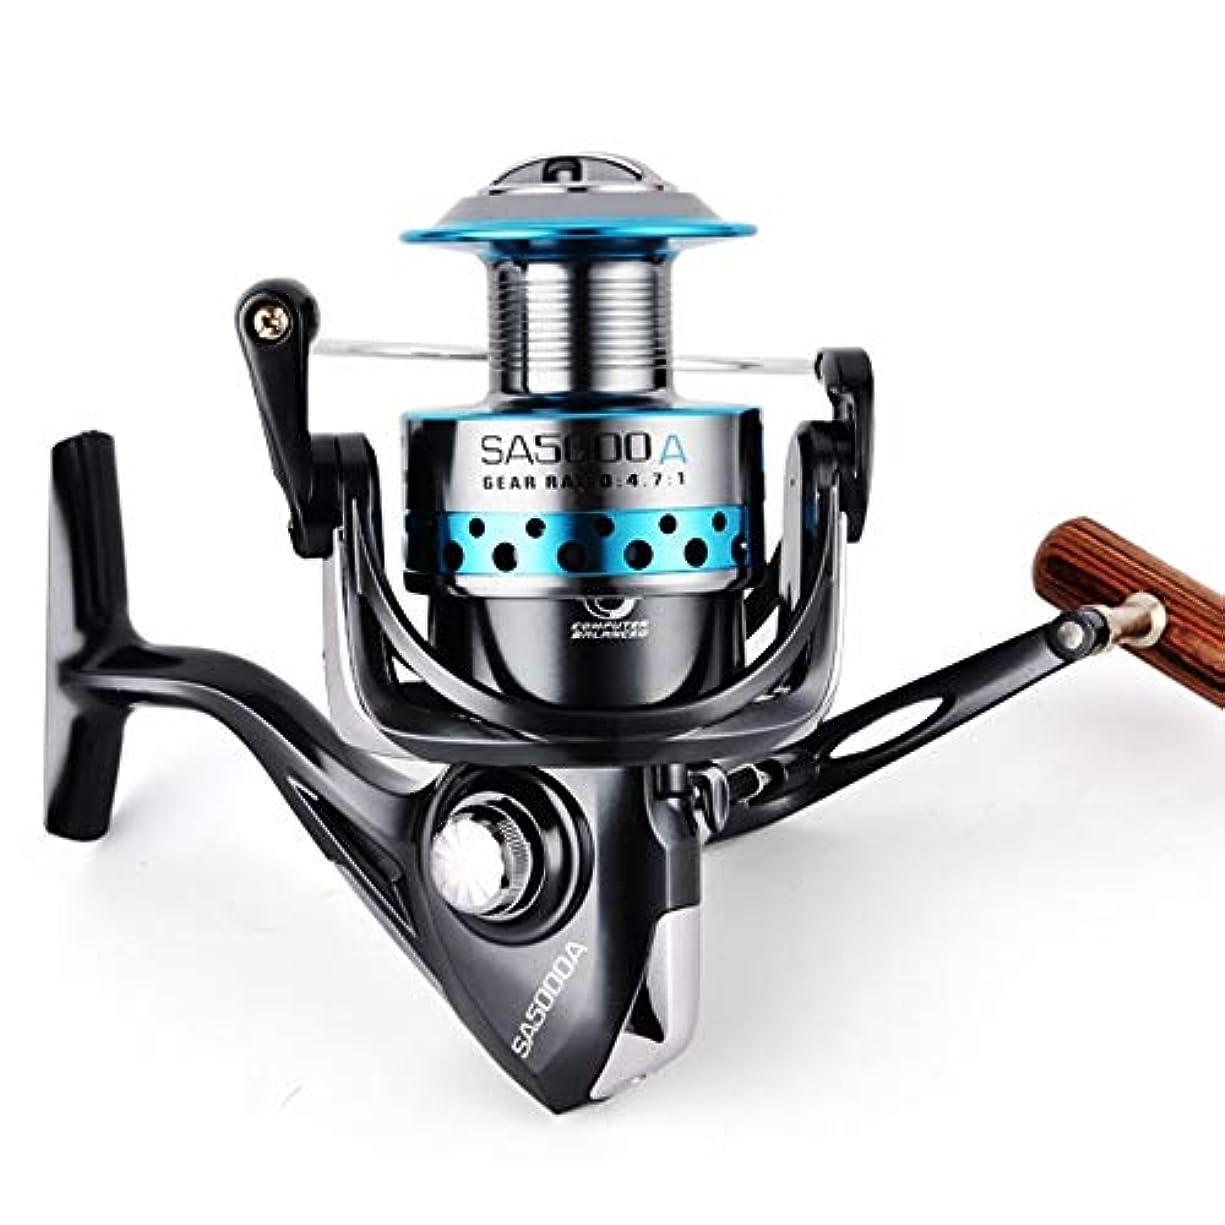 ブロッサム団結主張釣りリール 超軽量ファーストフレームフィッシングリールブラック 海釣 (Color : Black, Size : 3000)